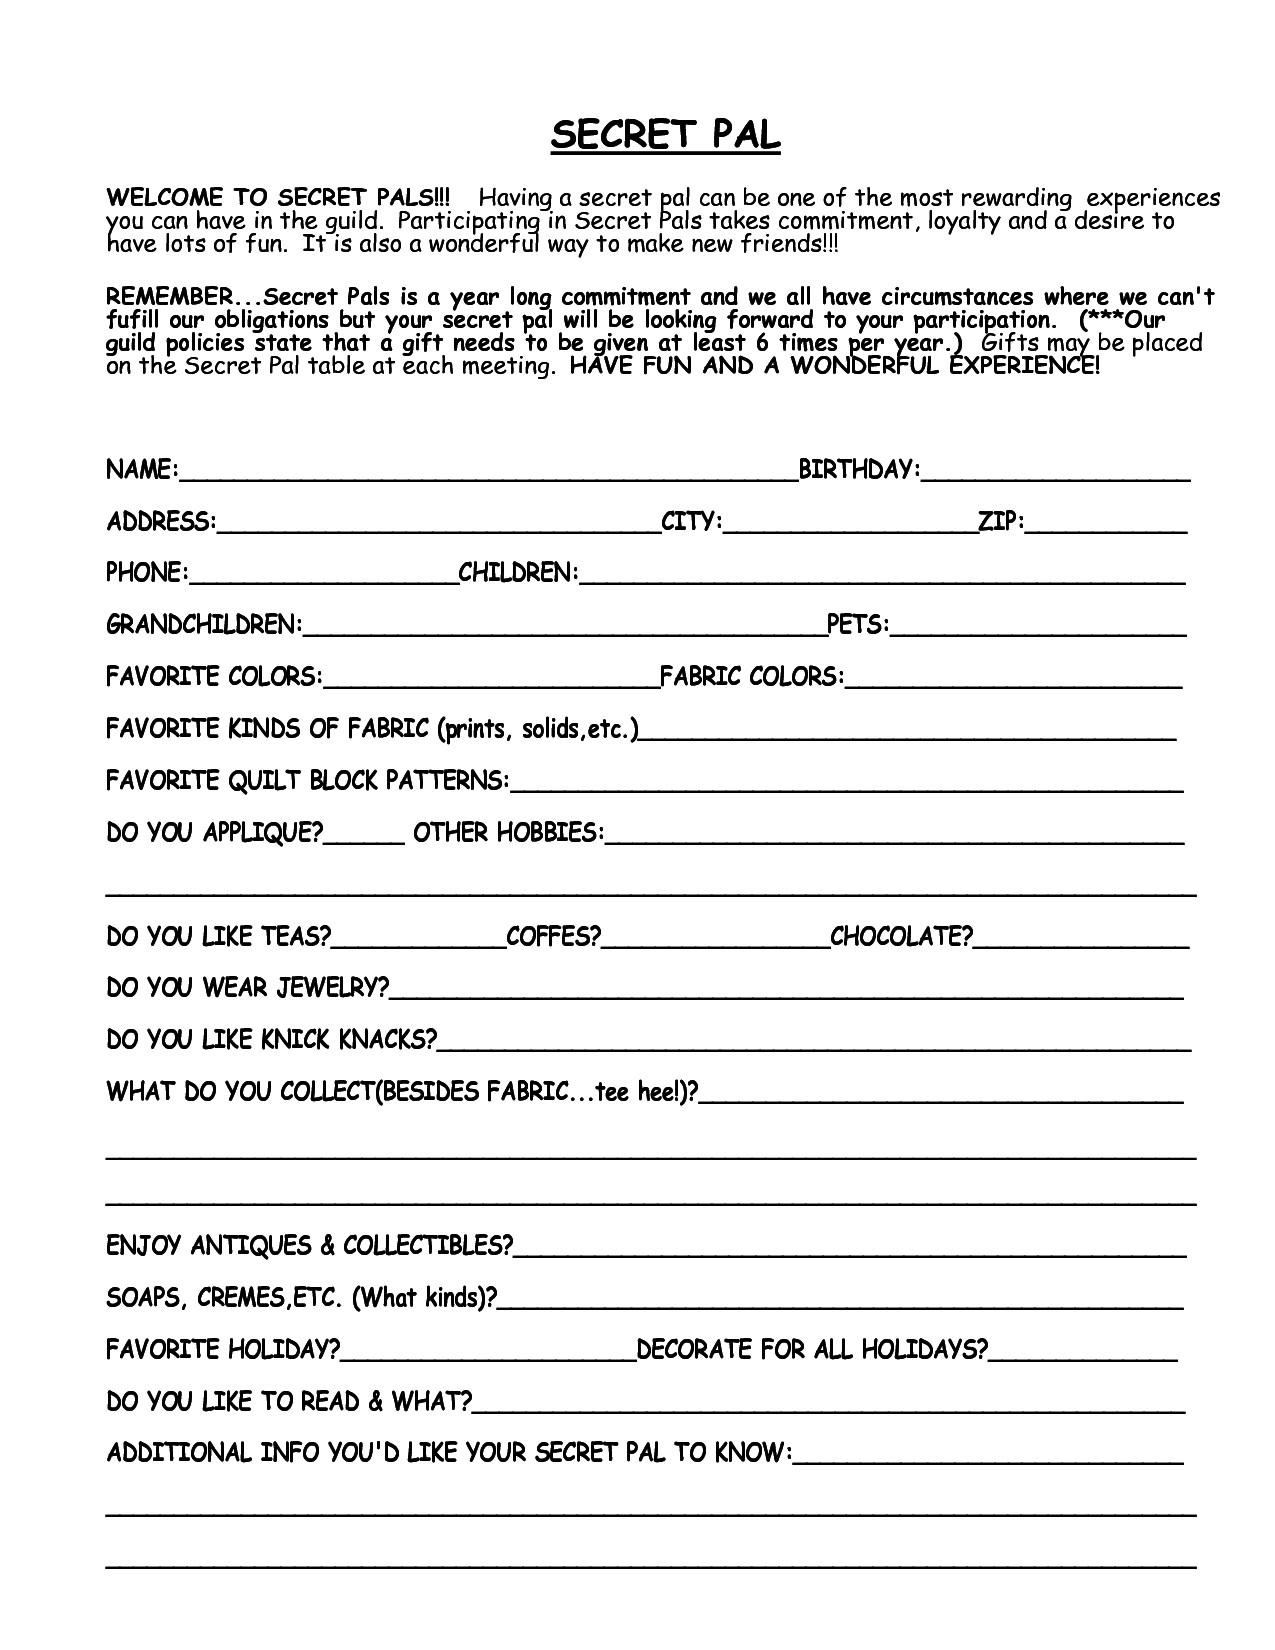 Secret Pal Questionaire 7 Best Of Secret Sister forms Printable Printable